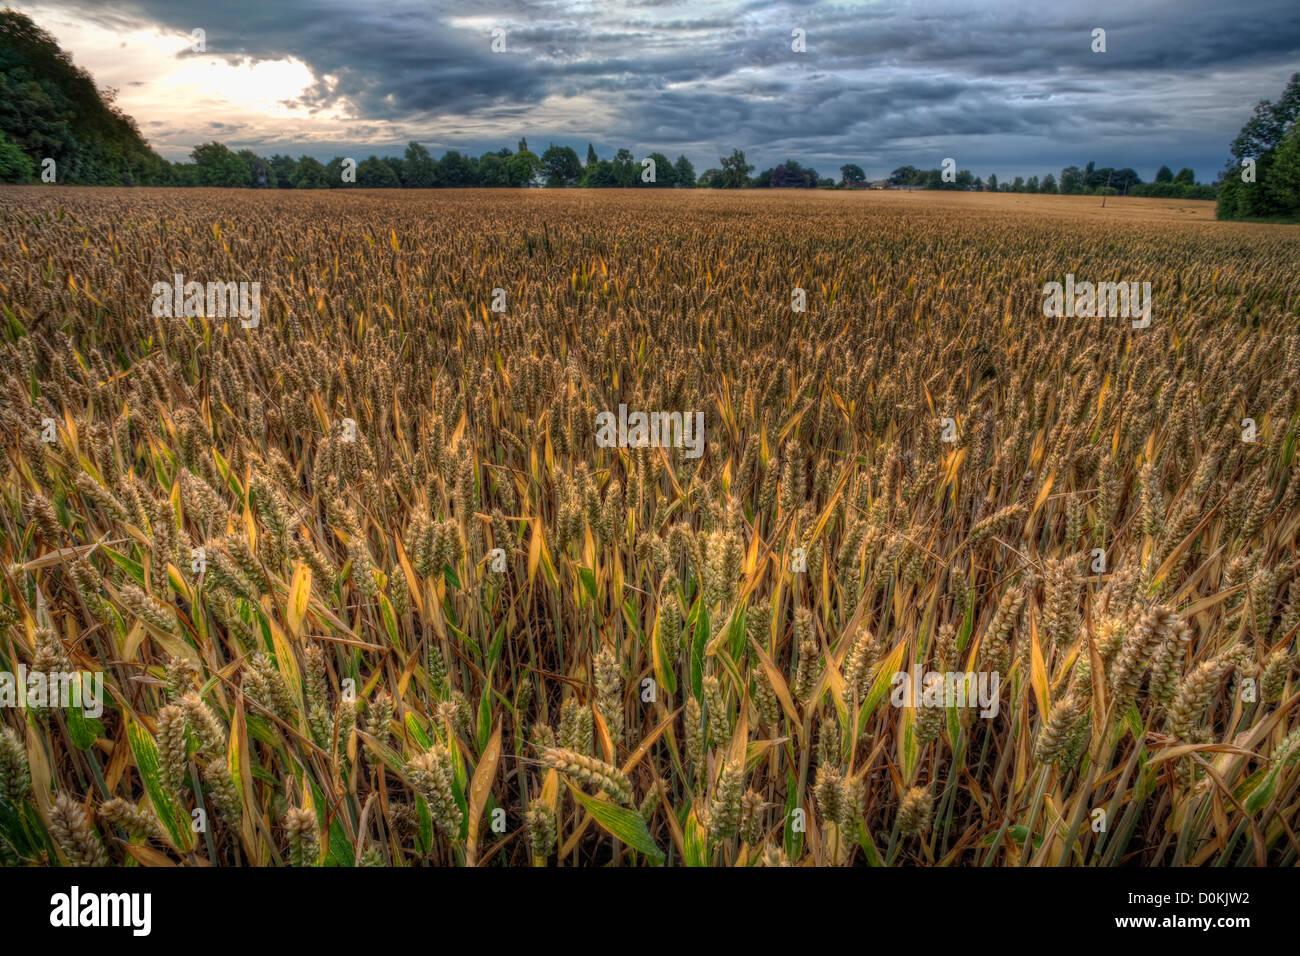 Ein Feld der Reife Weizen kurz vor der Ernte. Stockbild